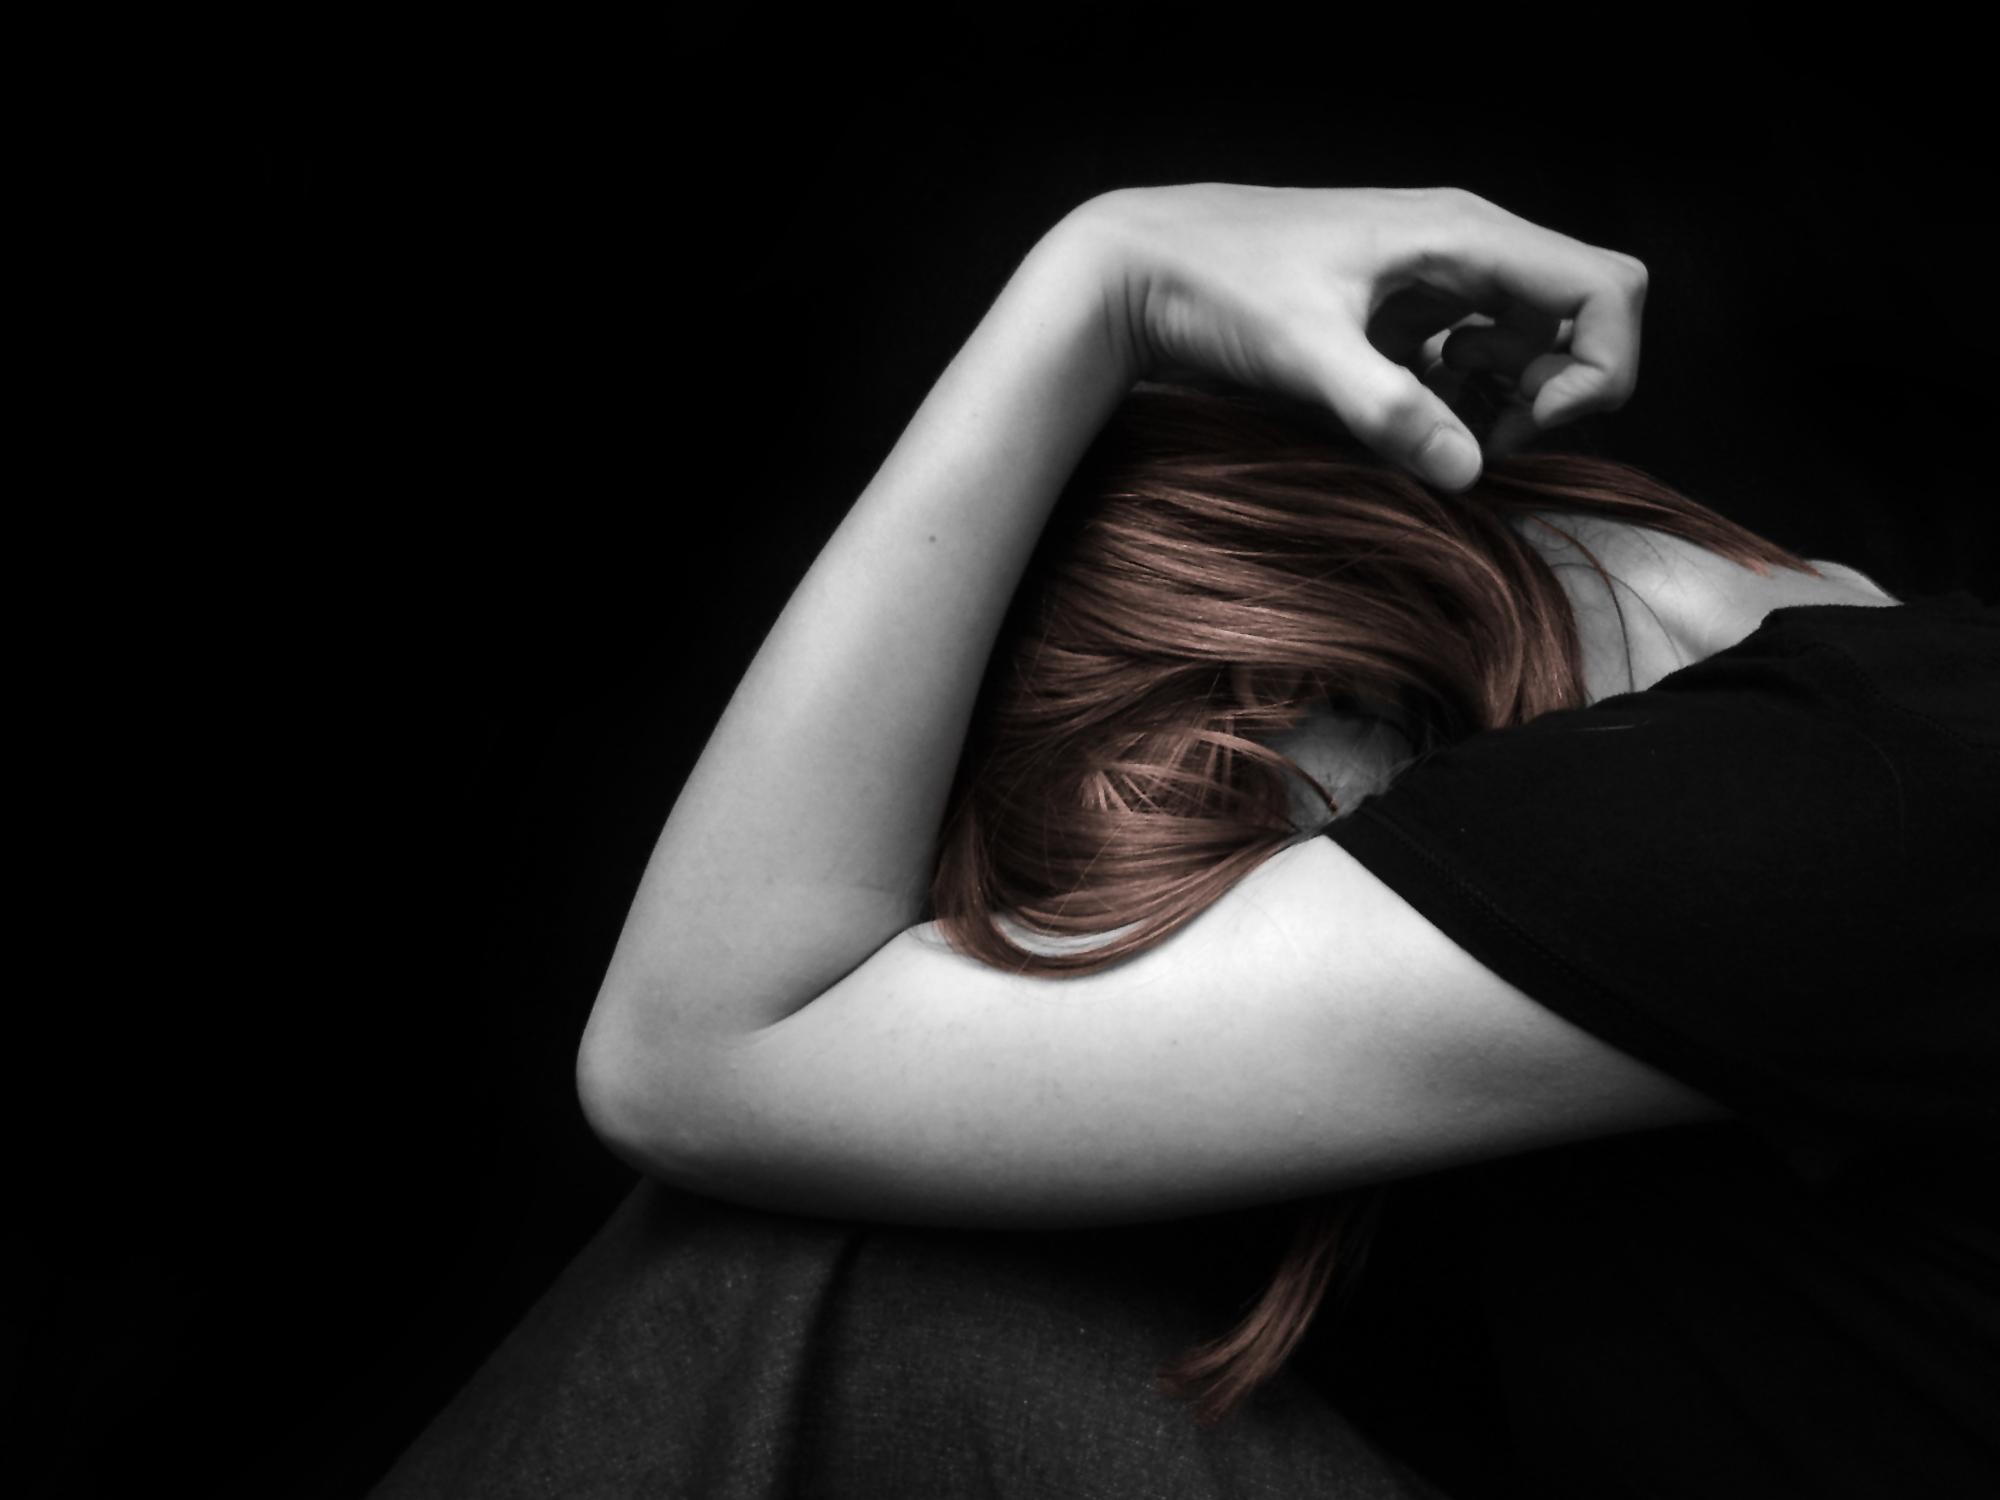 Depressione-due-anni-per-essere-diagnostica-colpiti-molti-adolescenti